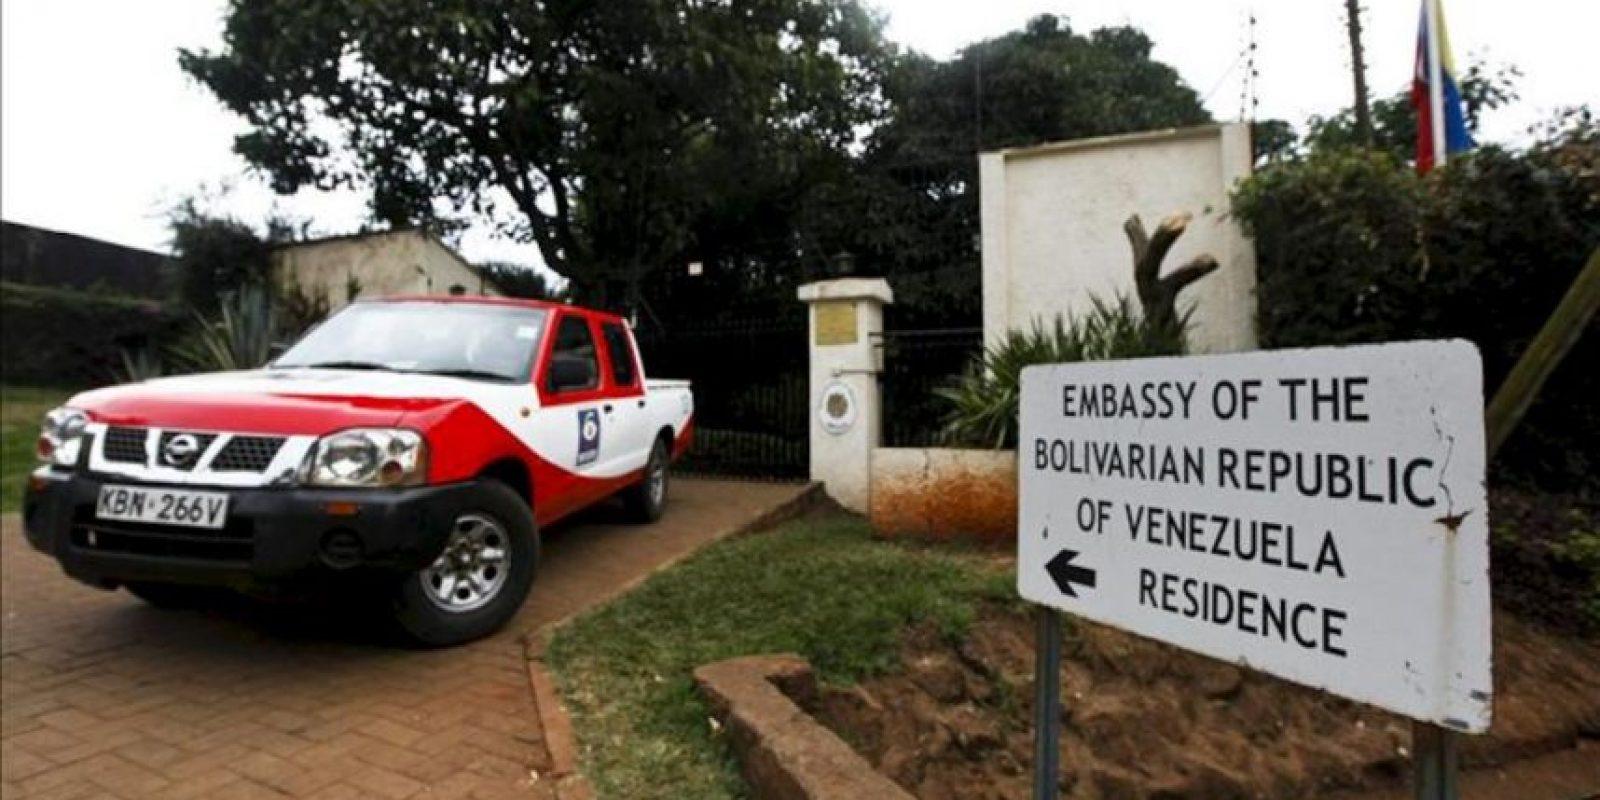 Una furgoneta de una compañía de seguridad aparcada ante la residencia de la máxima representante diplomática de Venezuela en Kenia, Olga Fonseca, en el norte de Nairobi, después de que fuera encontrado su cadáver hoy. EFE